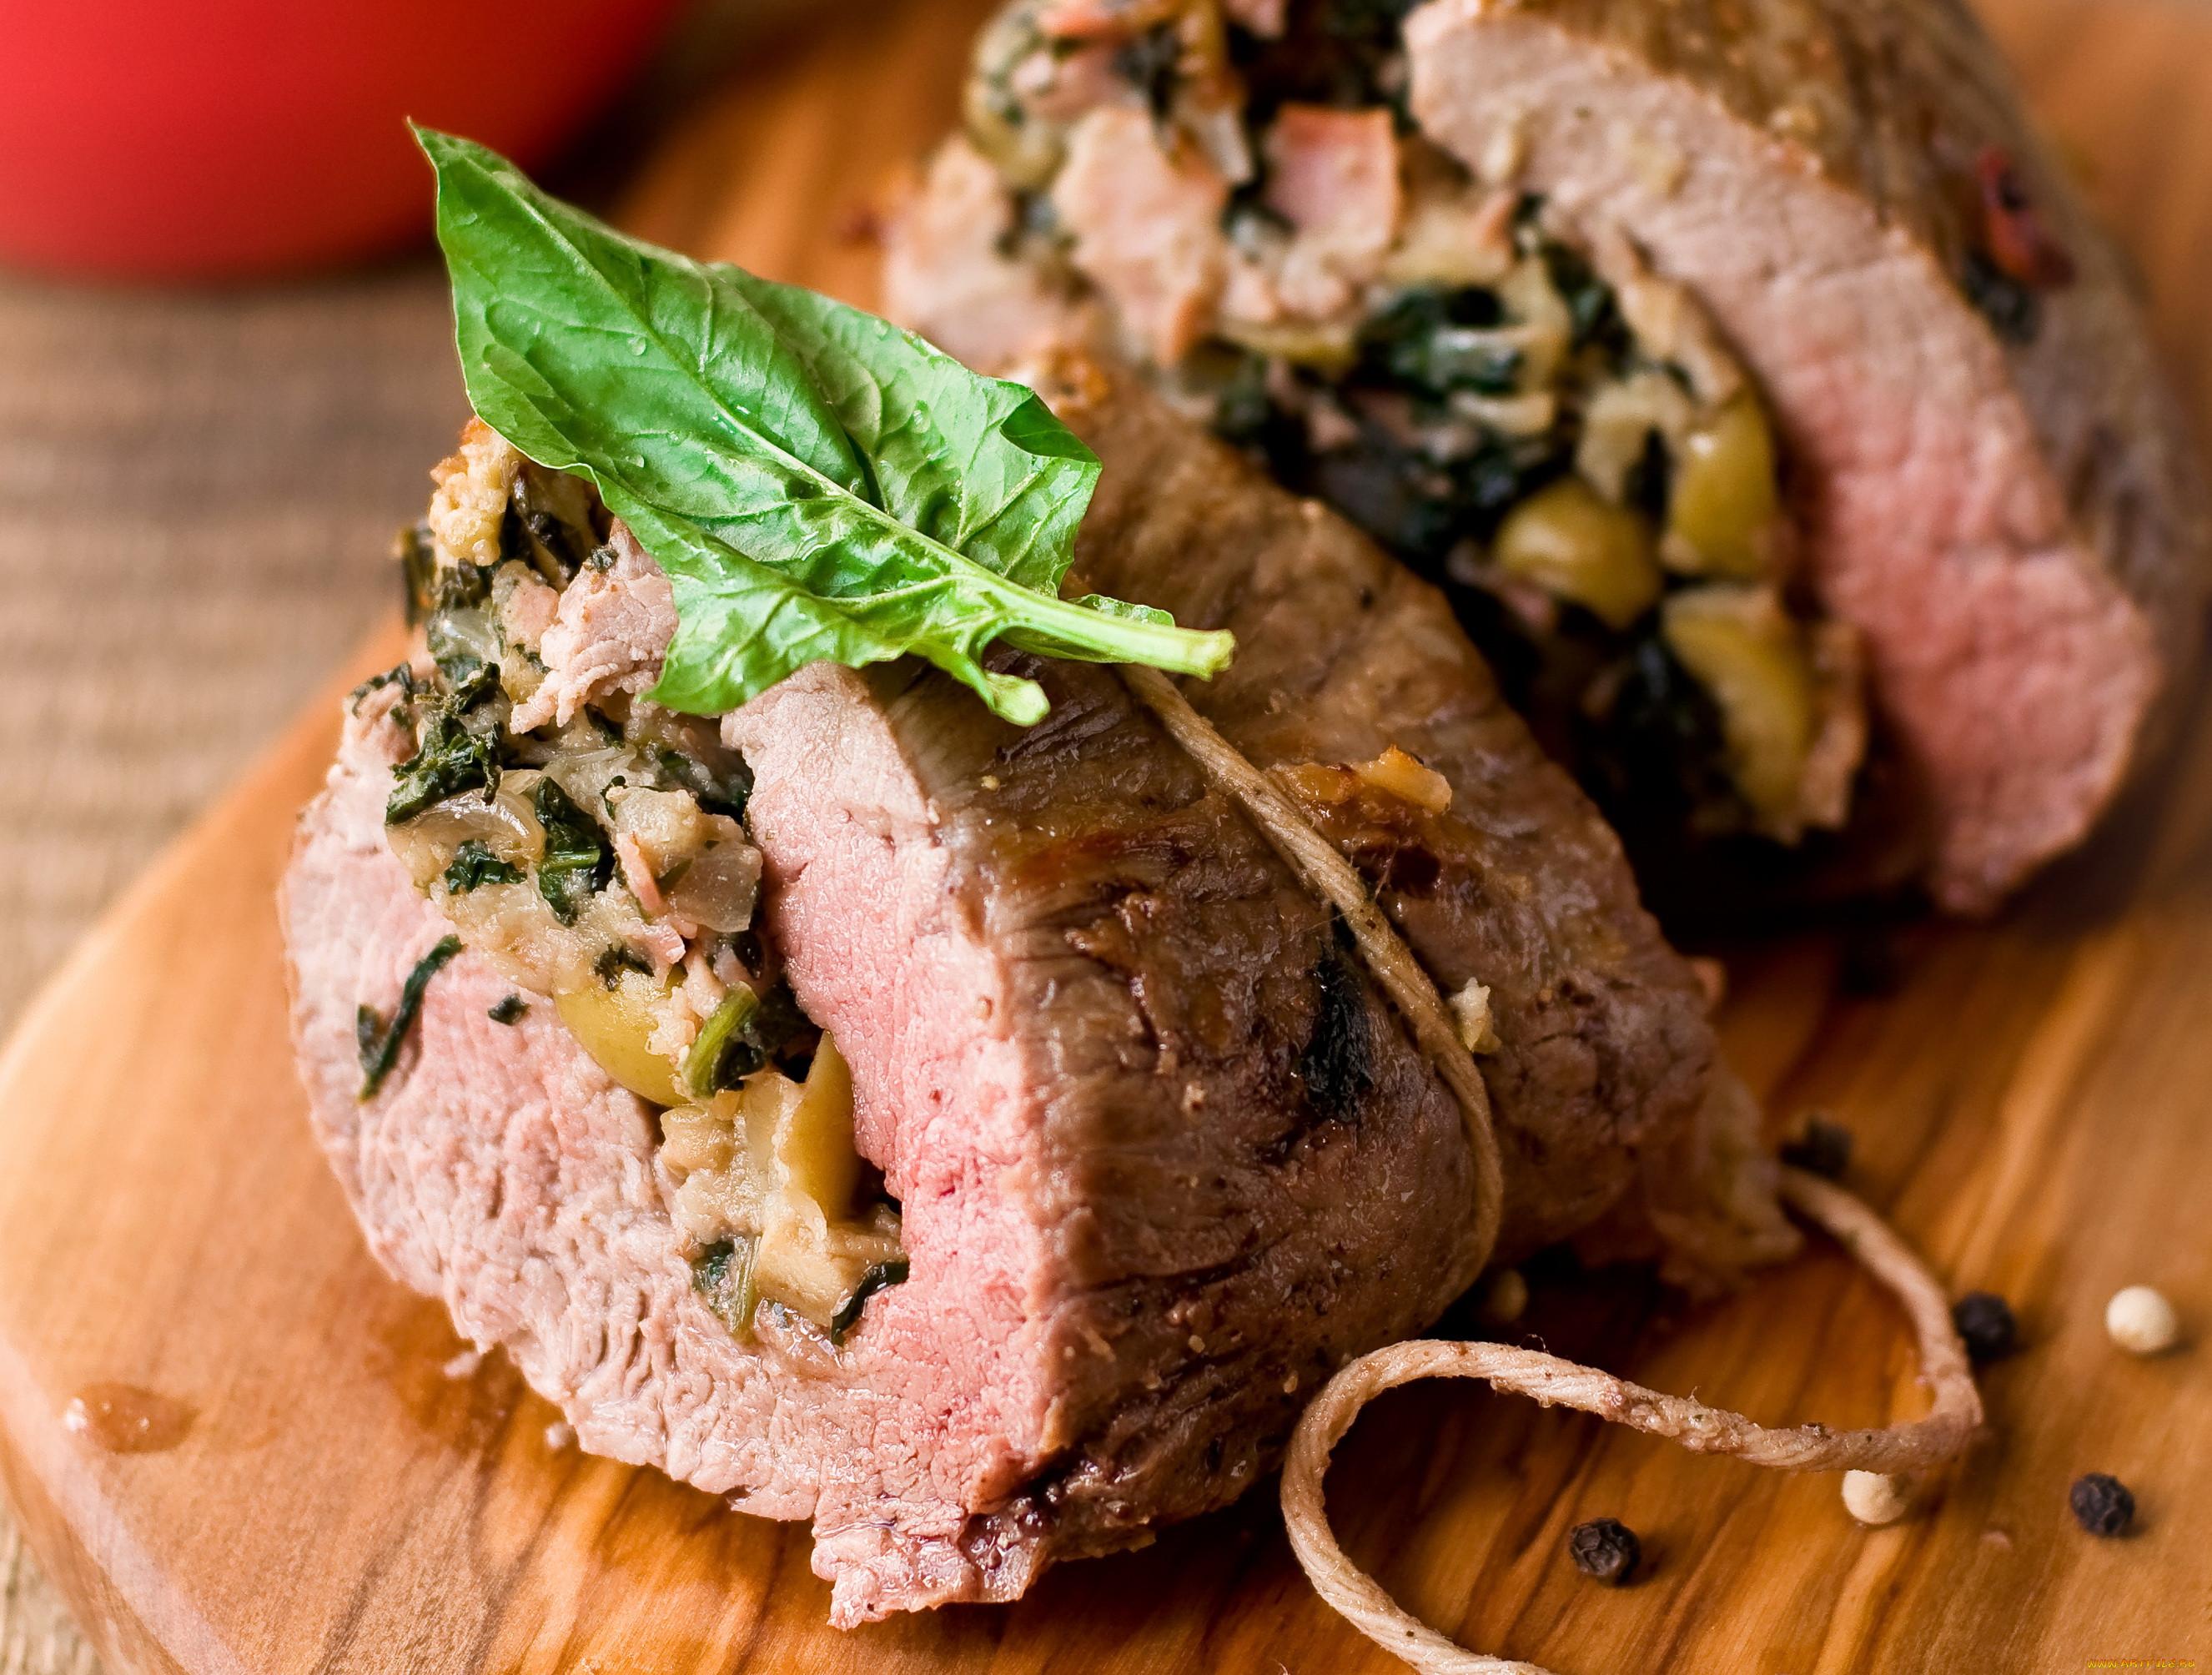 блюда из мяса рецепты с фото легкие хорошо